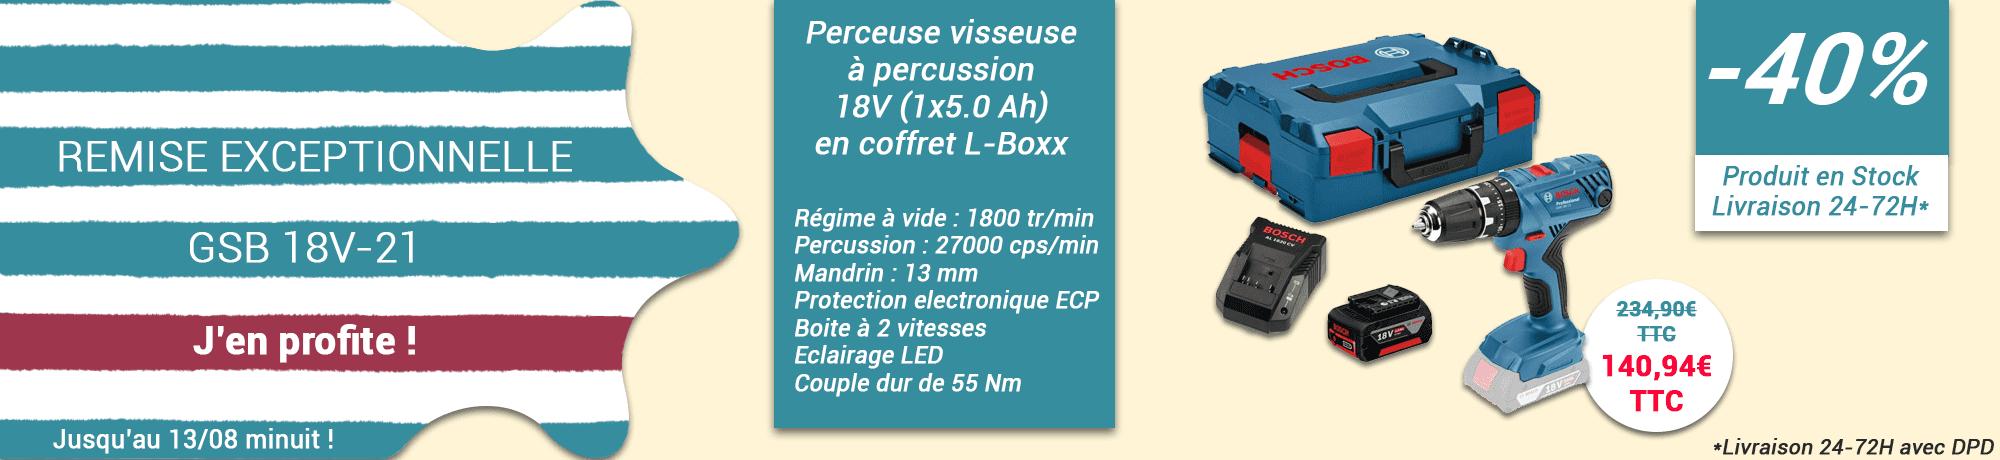 promotion-perceuse-gsb-18v-21